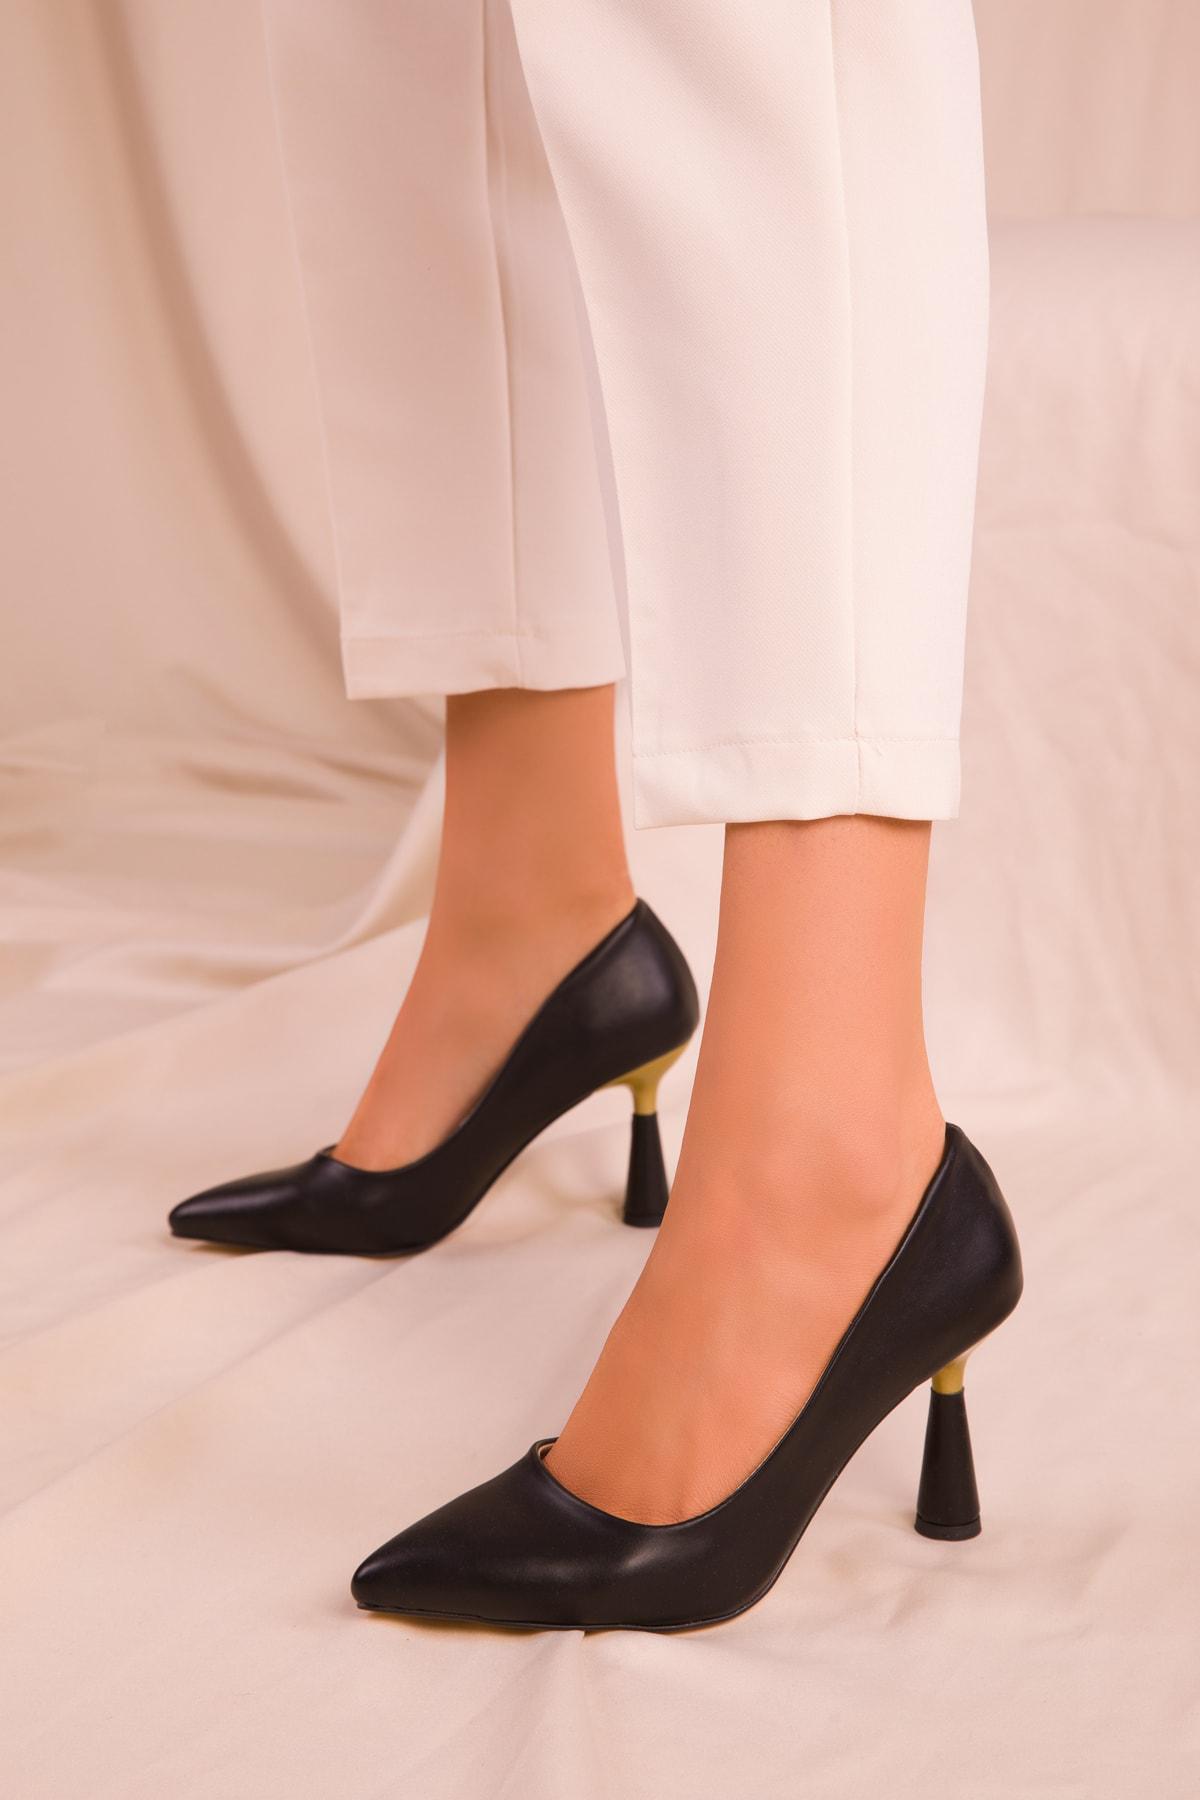 SOHO Siyah Kadın Klasik Topuklu Ayakkabı 15783 2